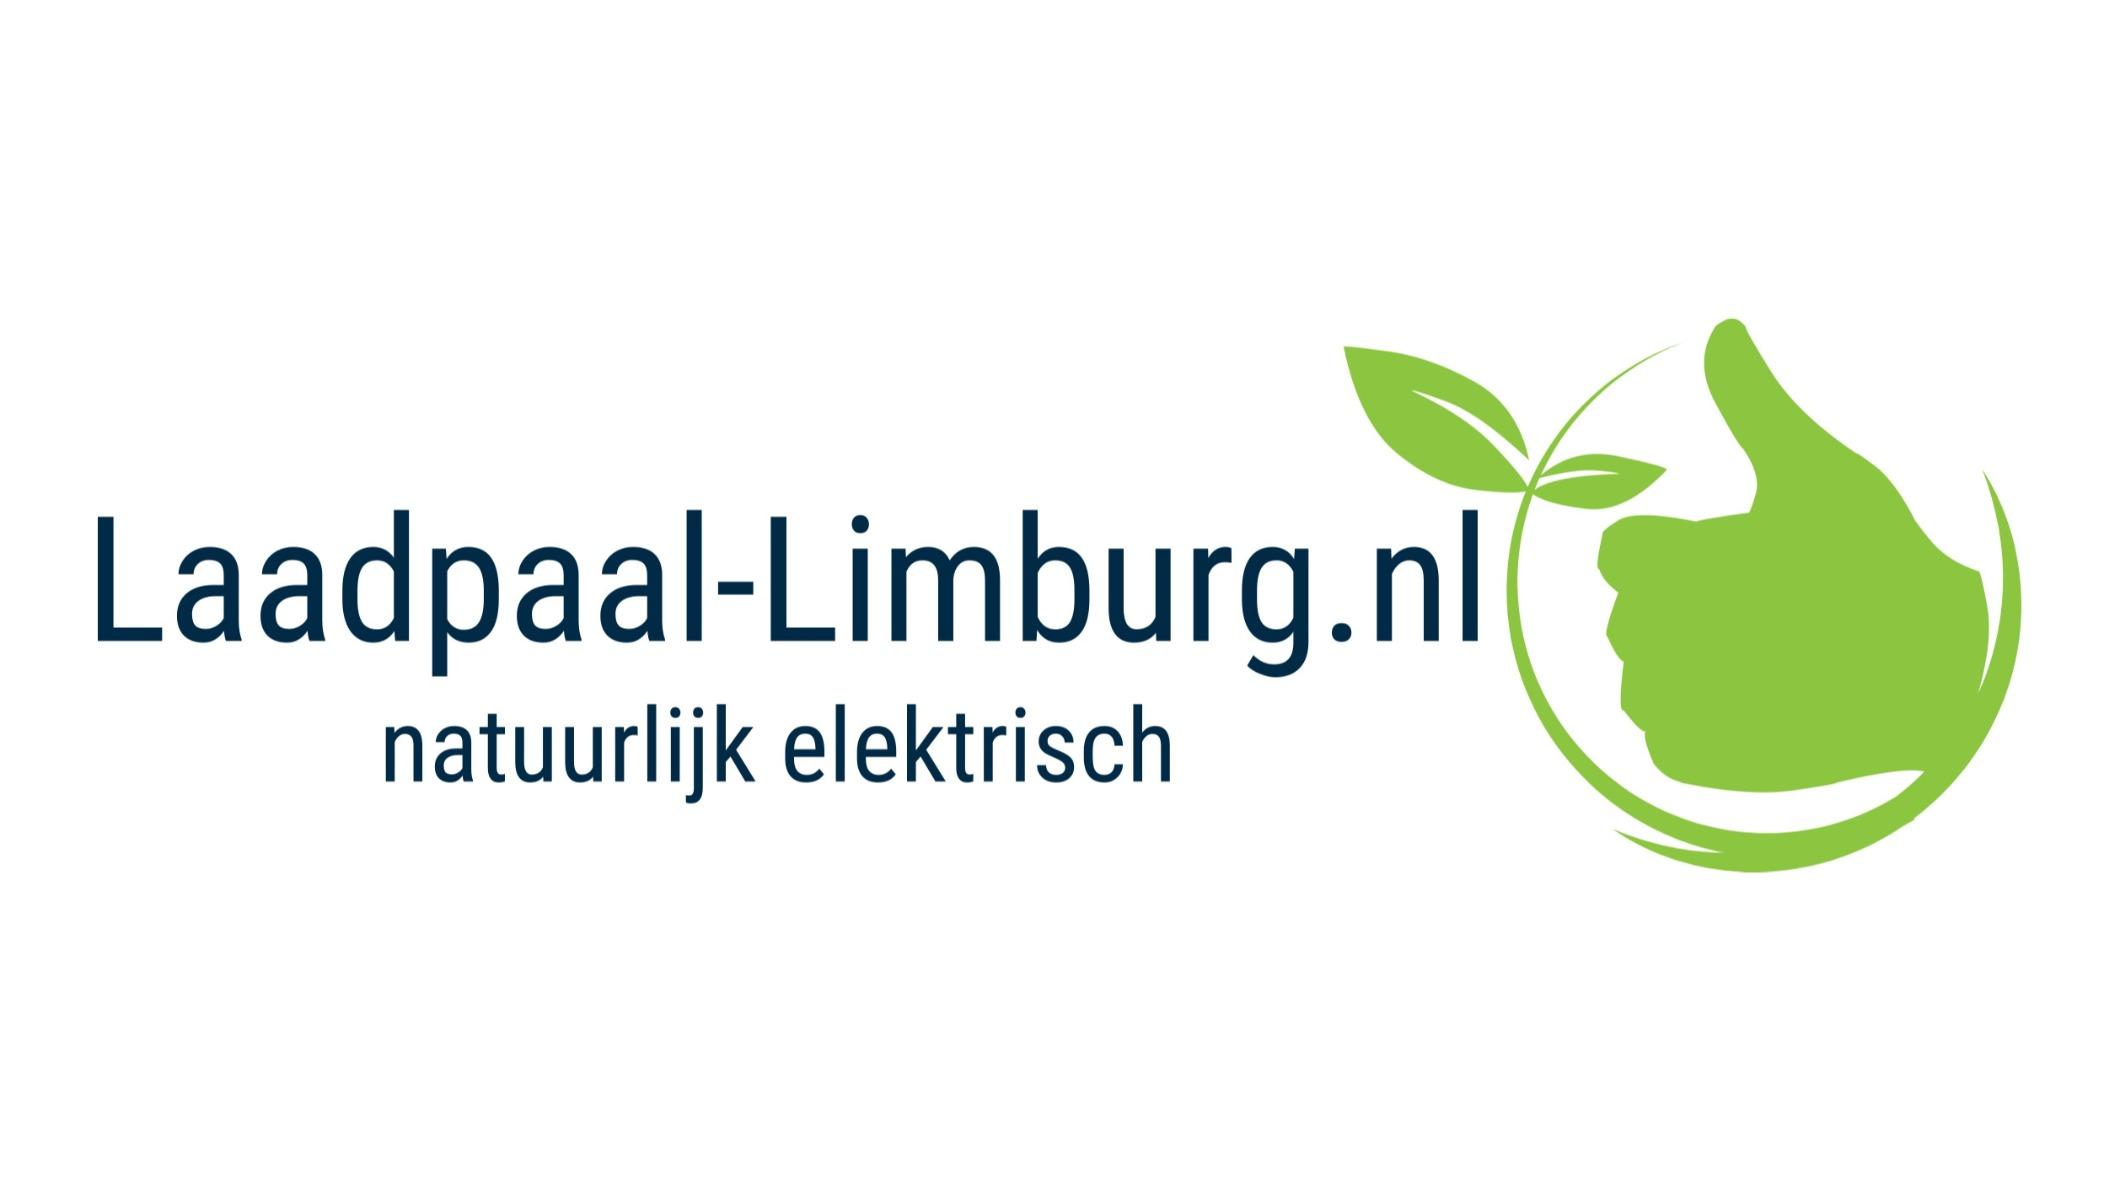 Laadpaal-limburg.nl